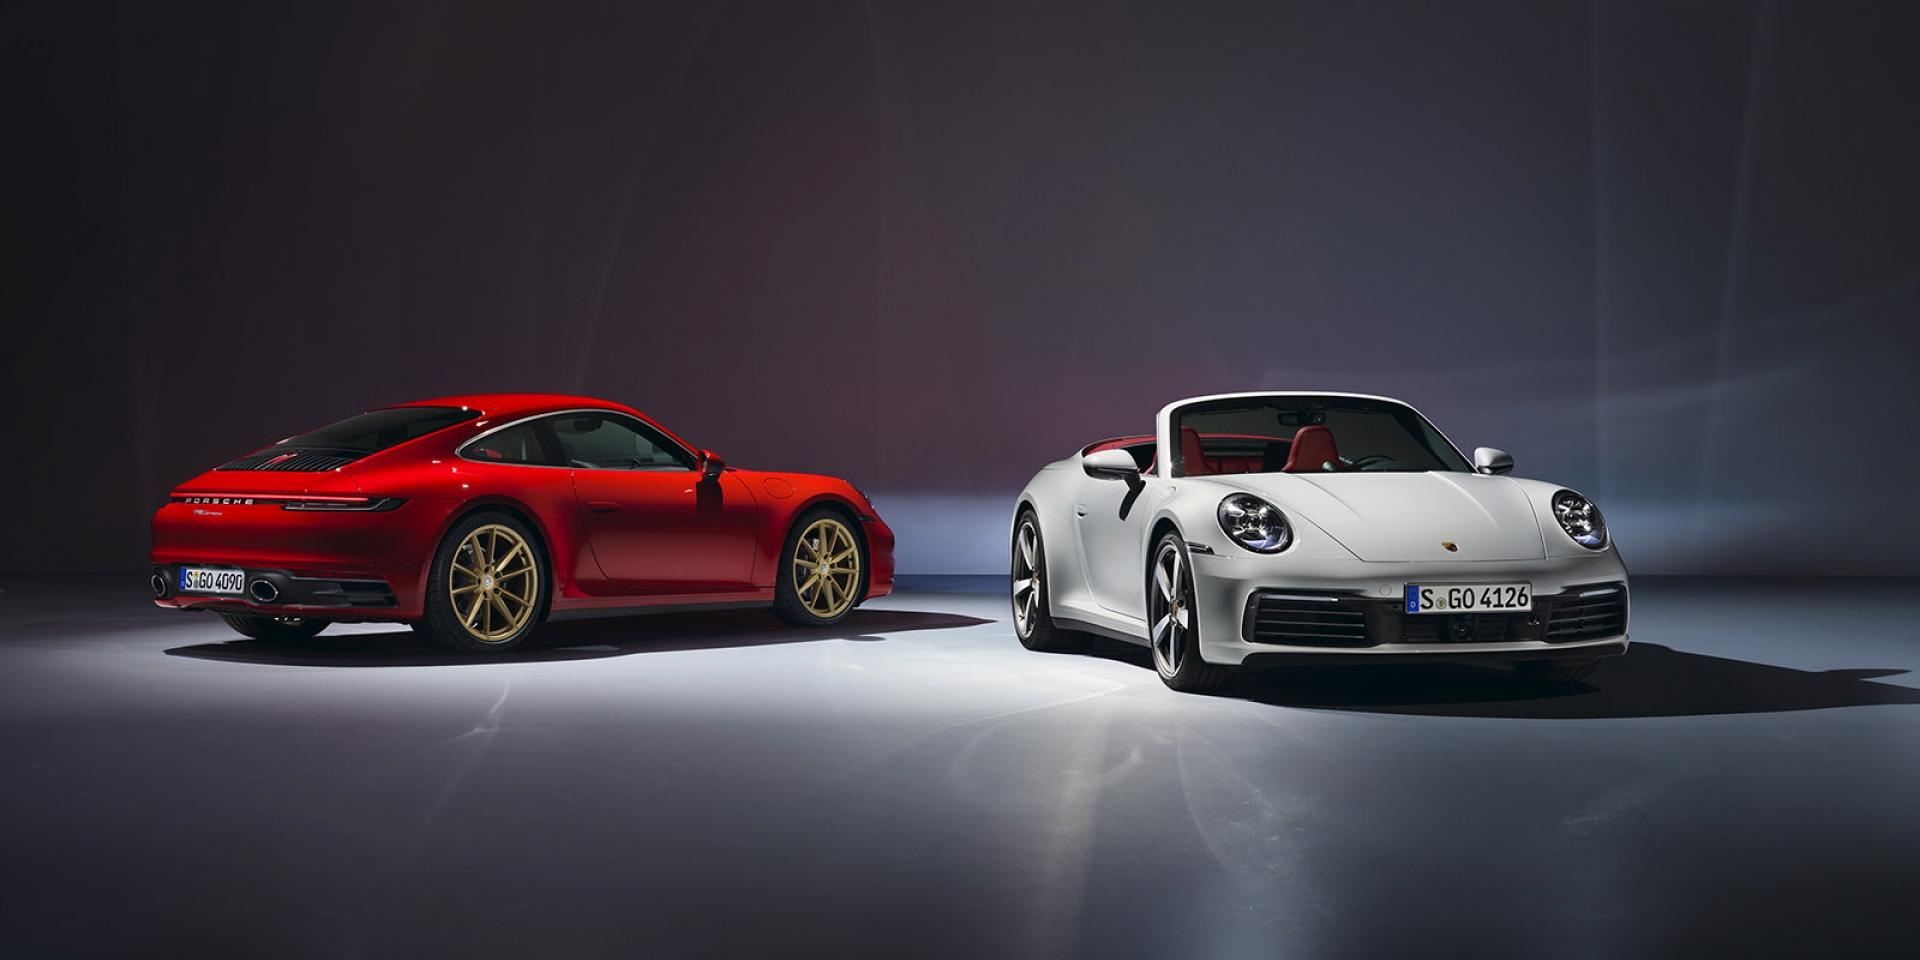 官方新聞稿。第八世代911家族新成員入列 保時捷隆重推出全新911 Carrera 及911 Carrera Cabriolet